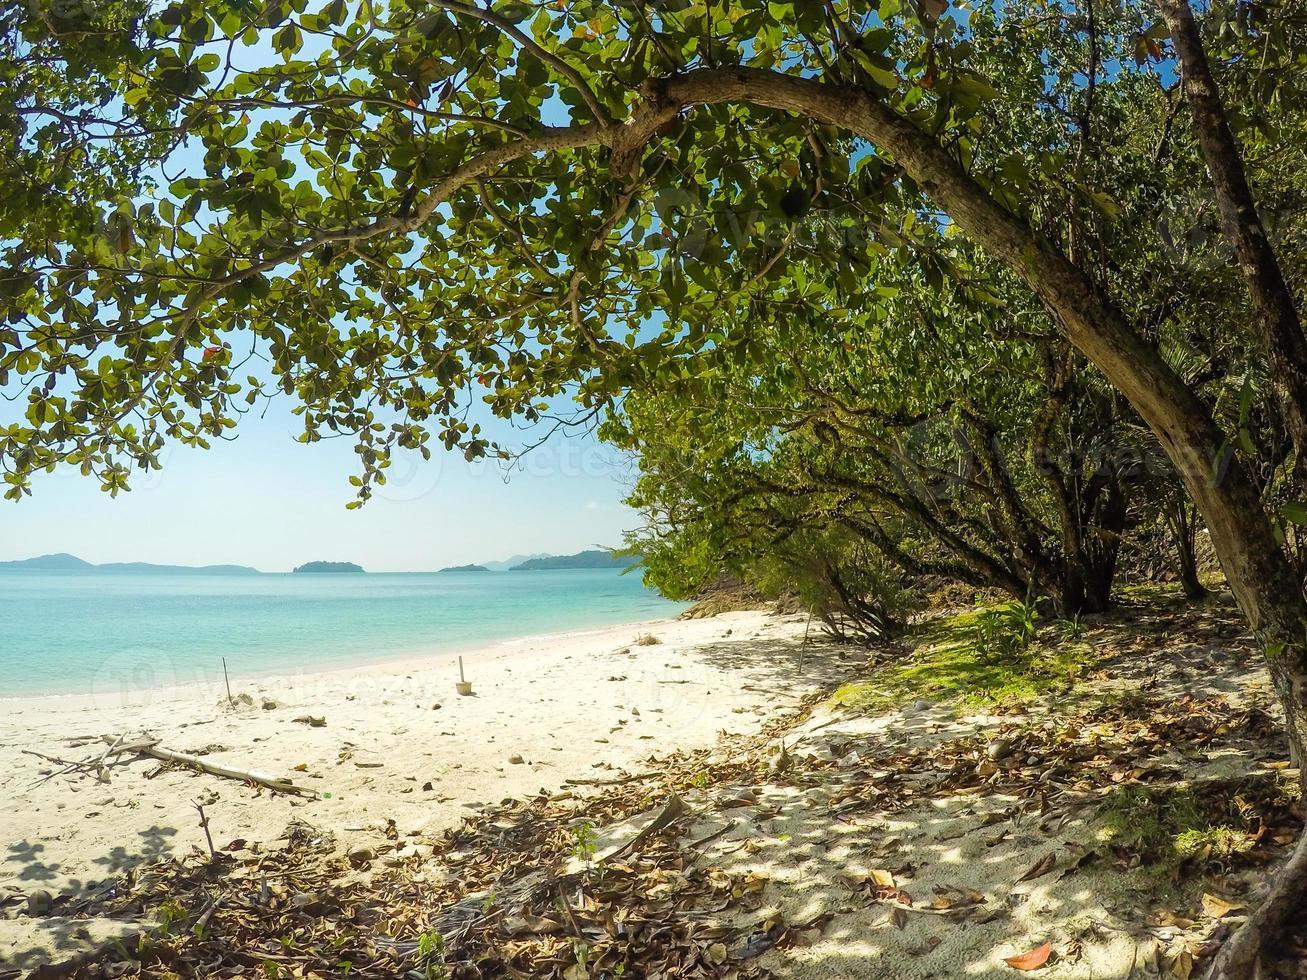 albero con spiaggia foto